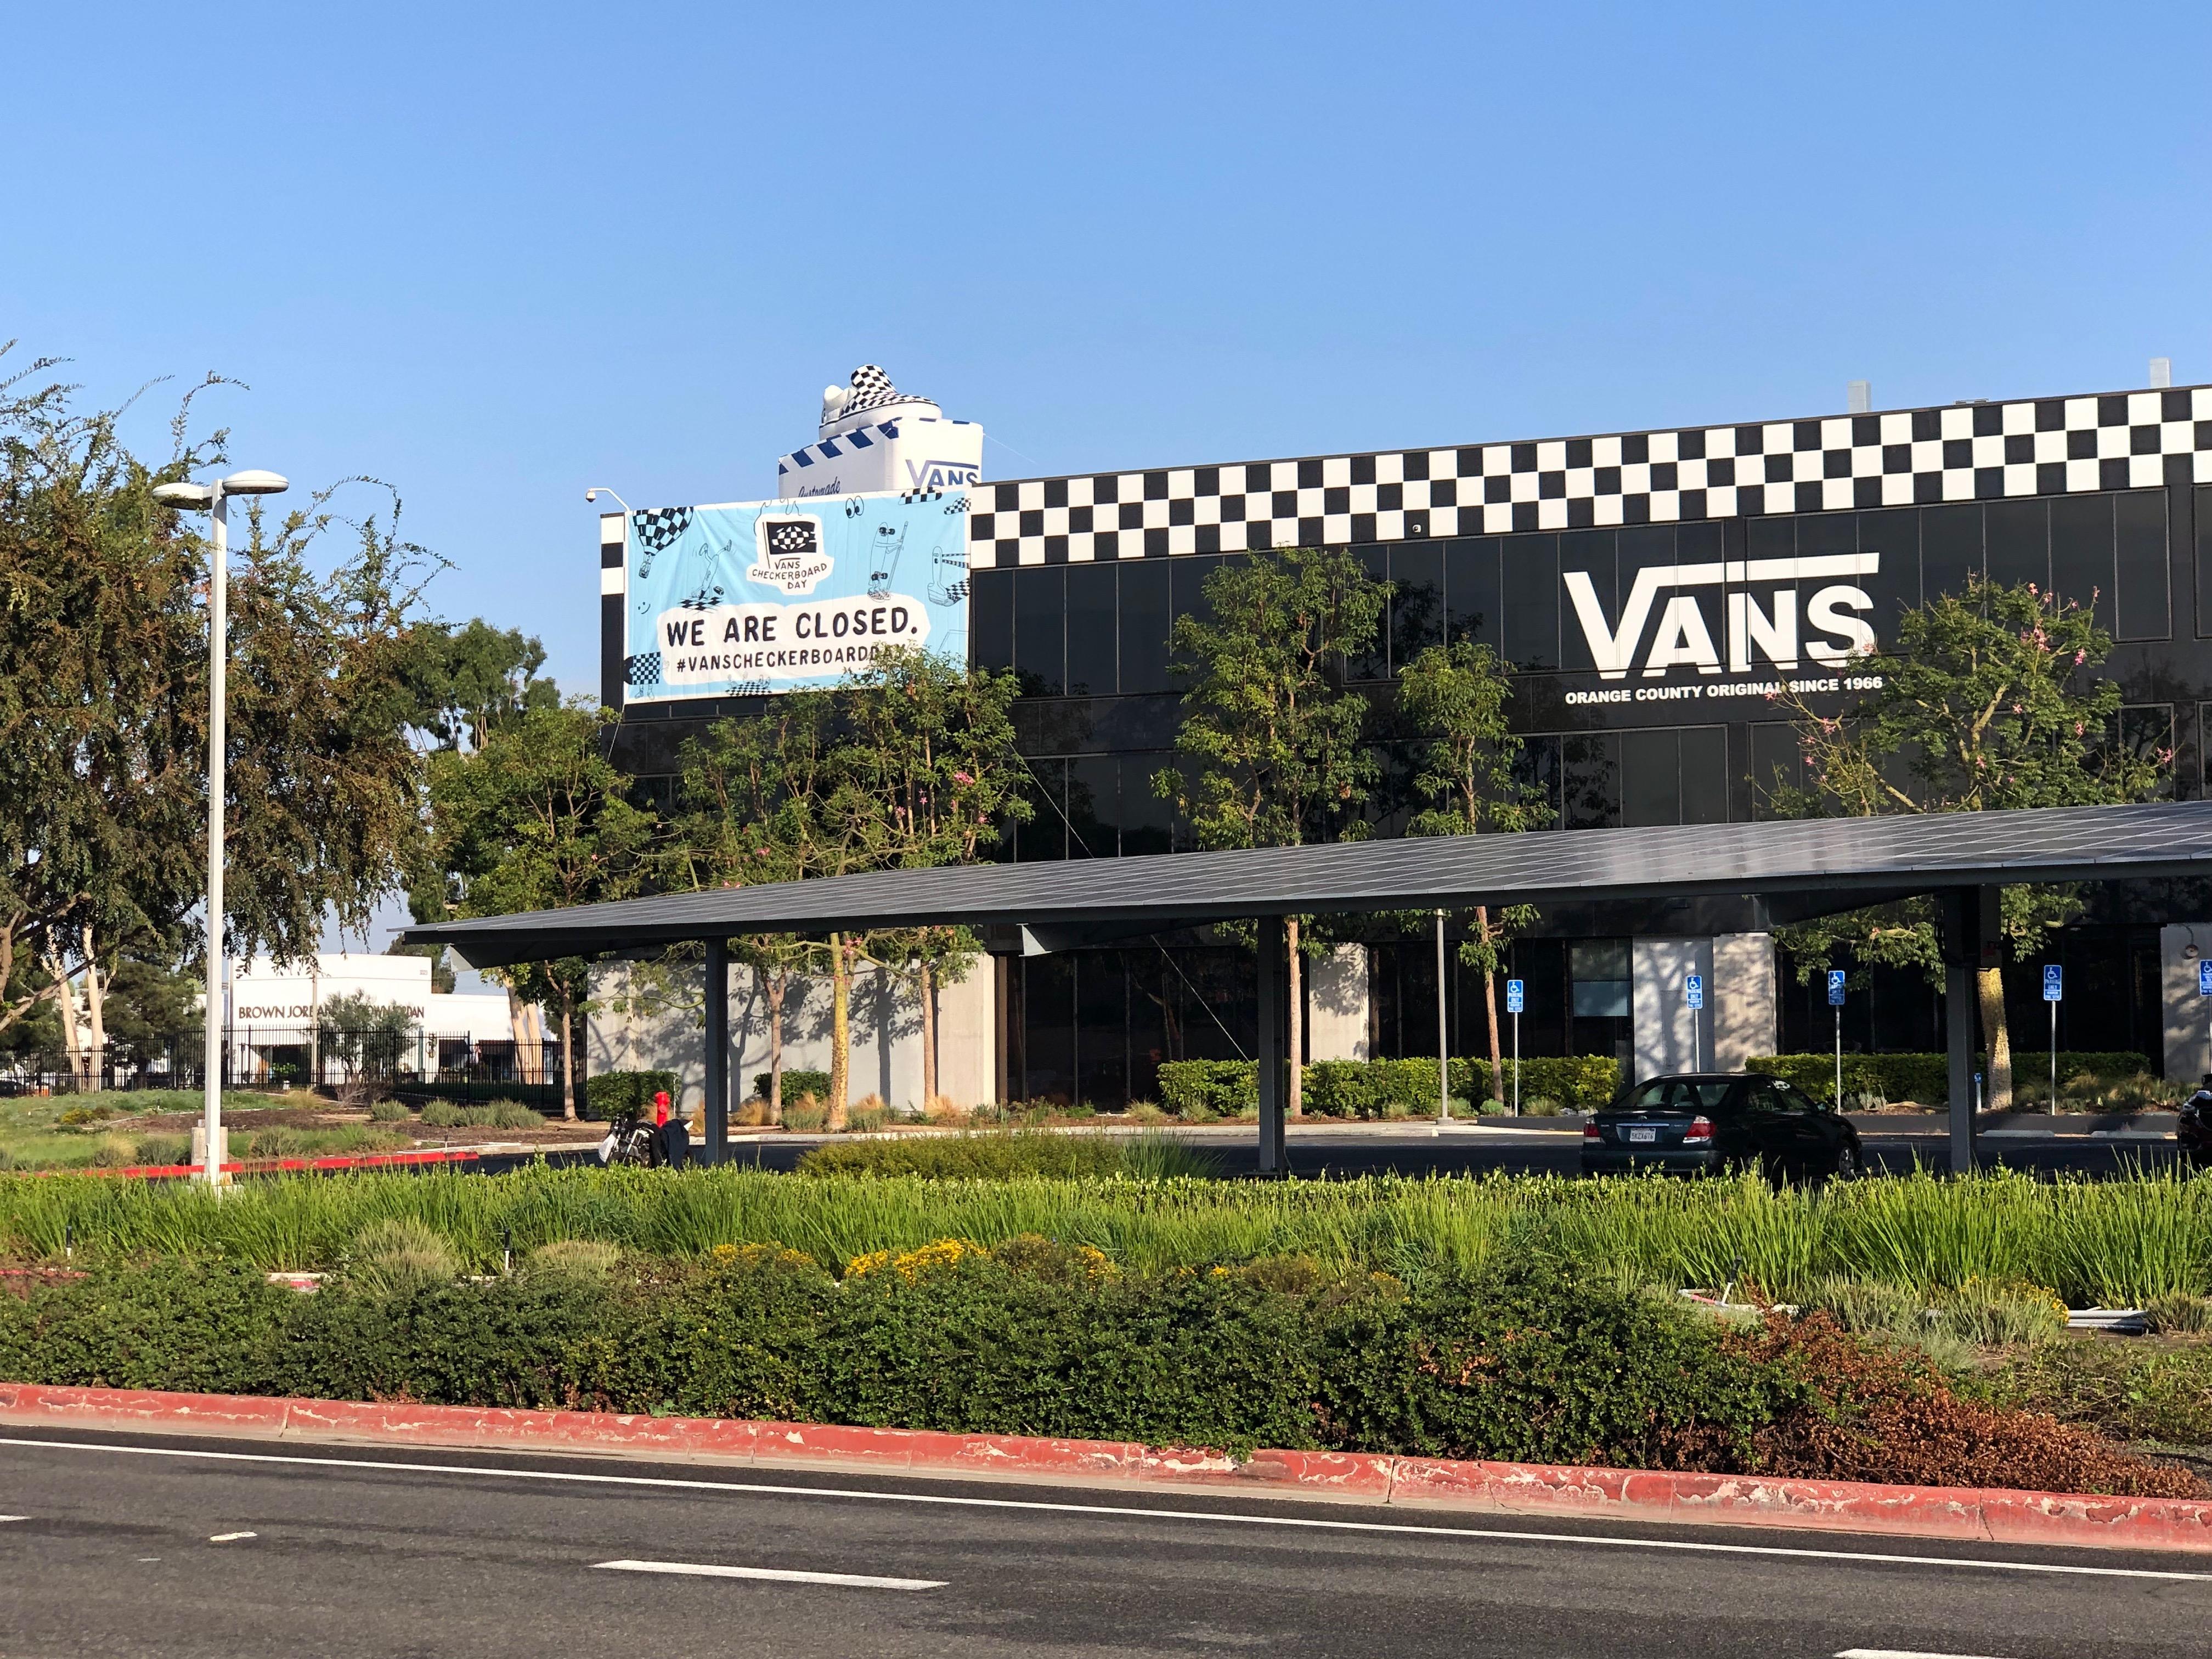 The Vans headquarters in California.